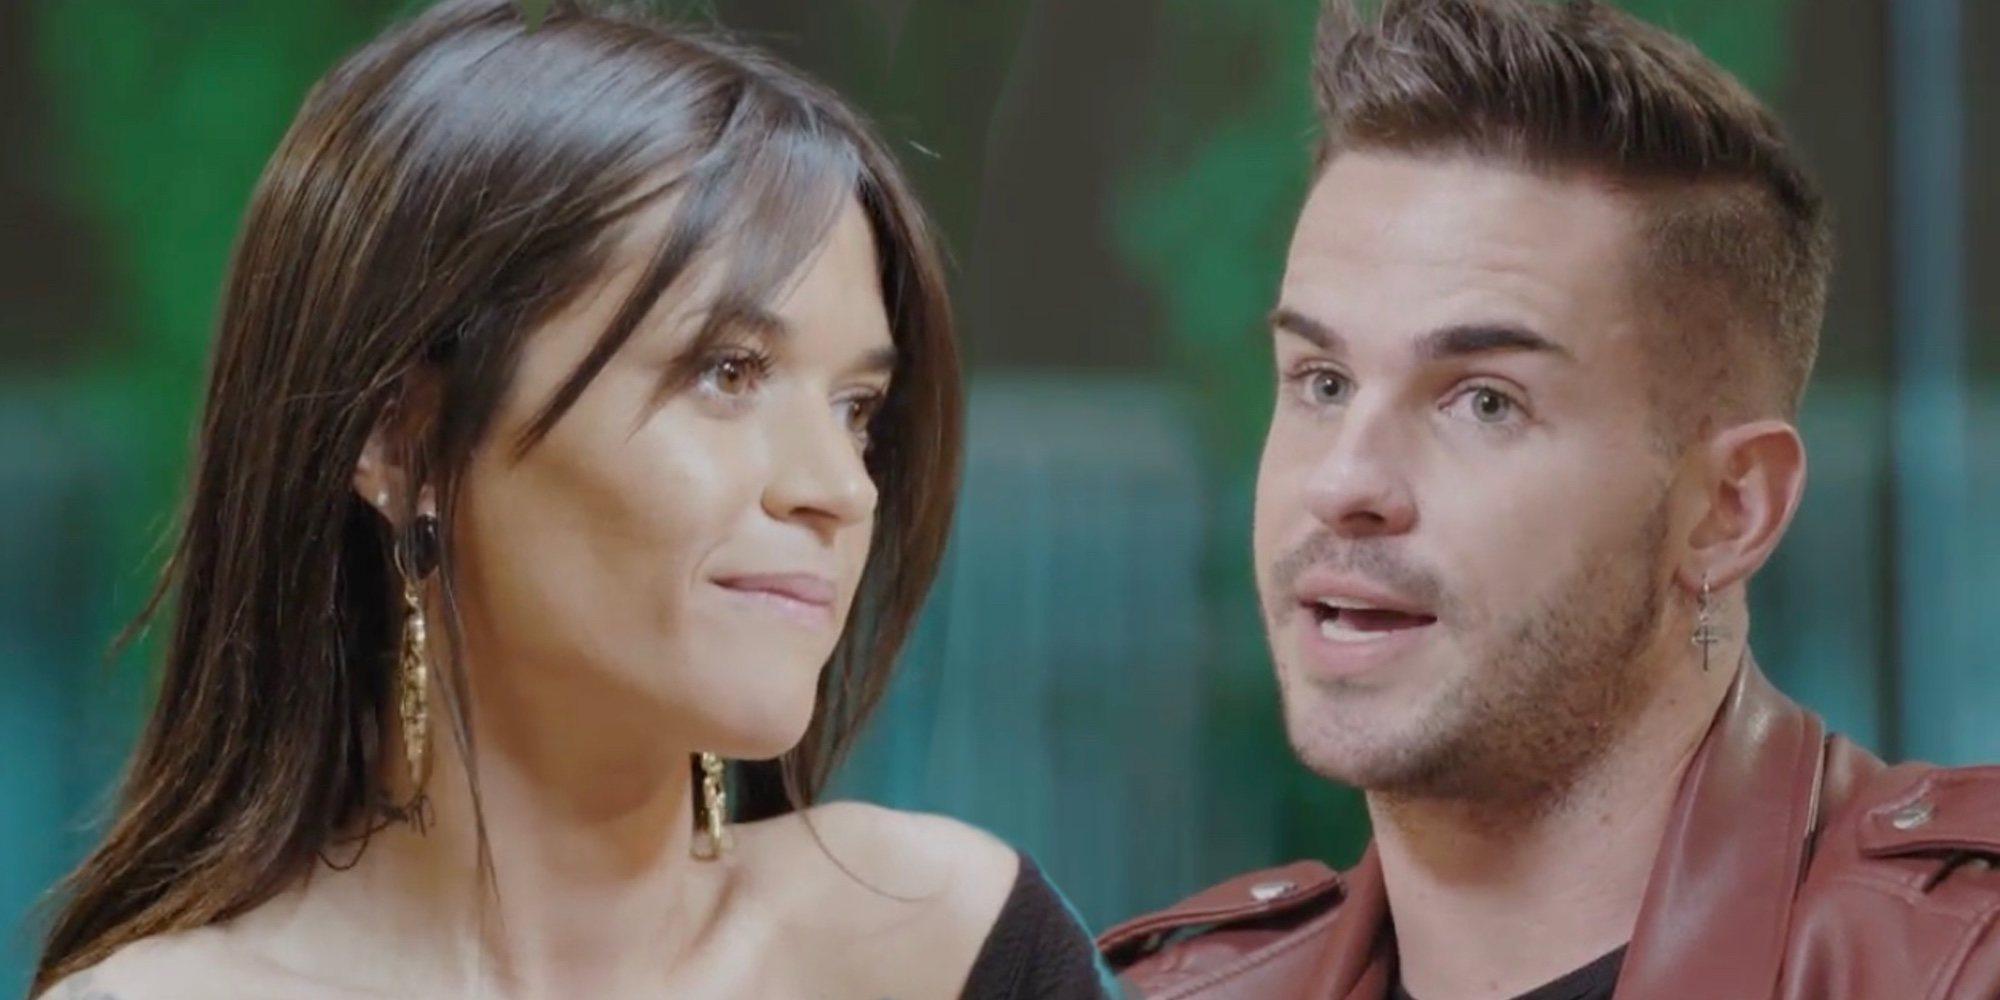 El tenso reencuentro de Álex y Fiama en 'La isla de las tentaciones' tras desvelar su ruptura